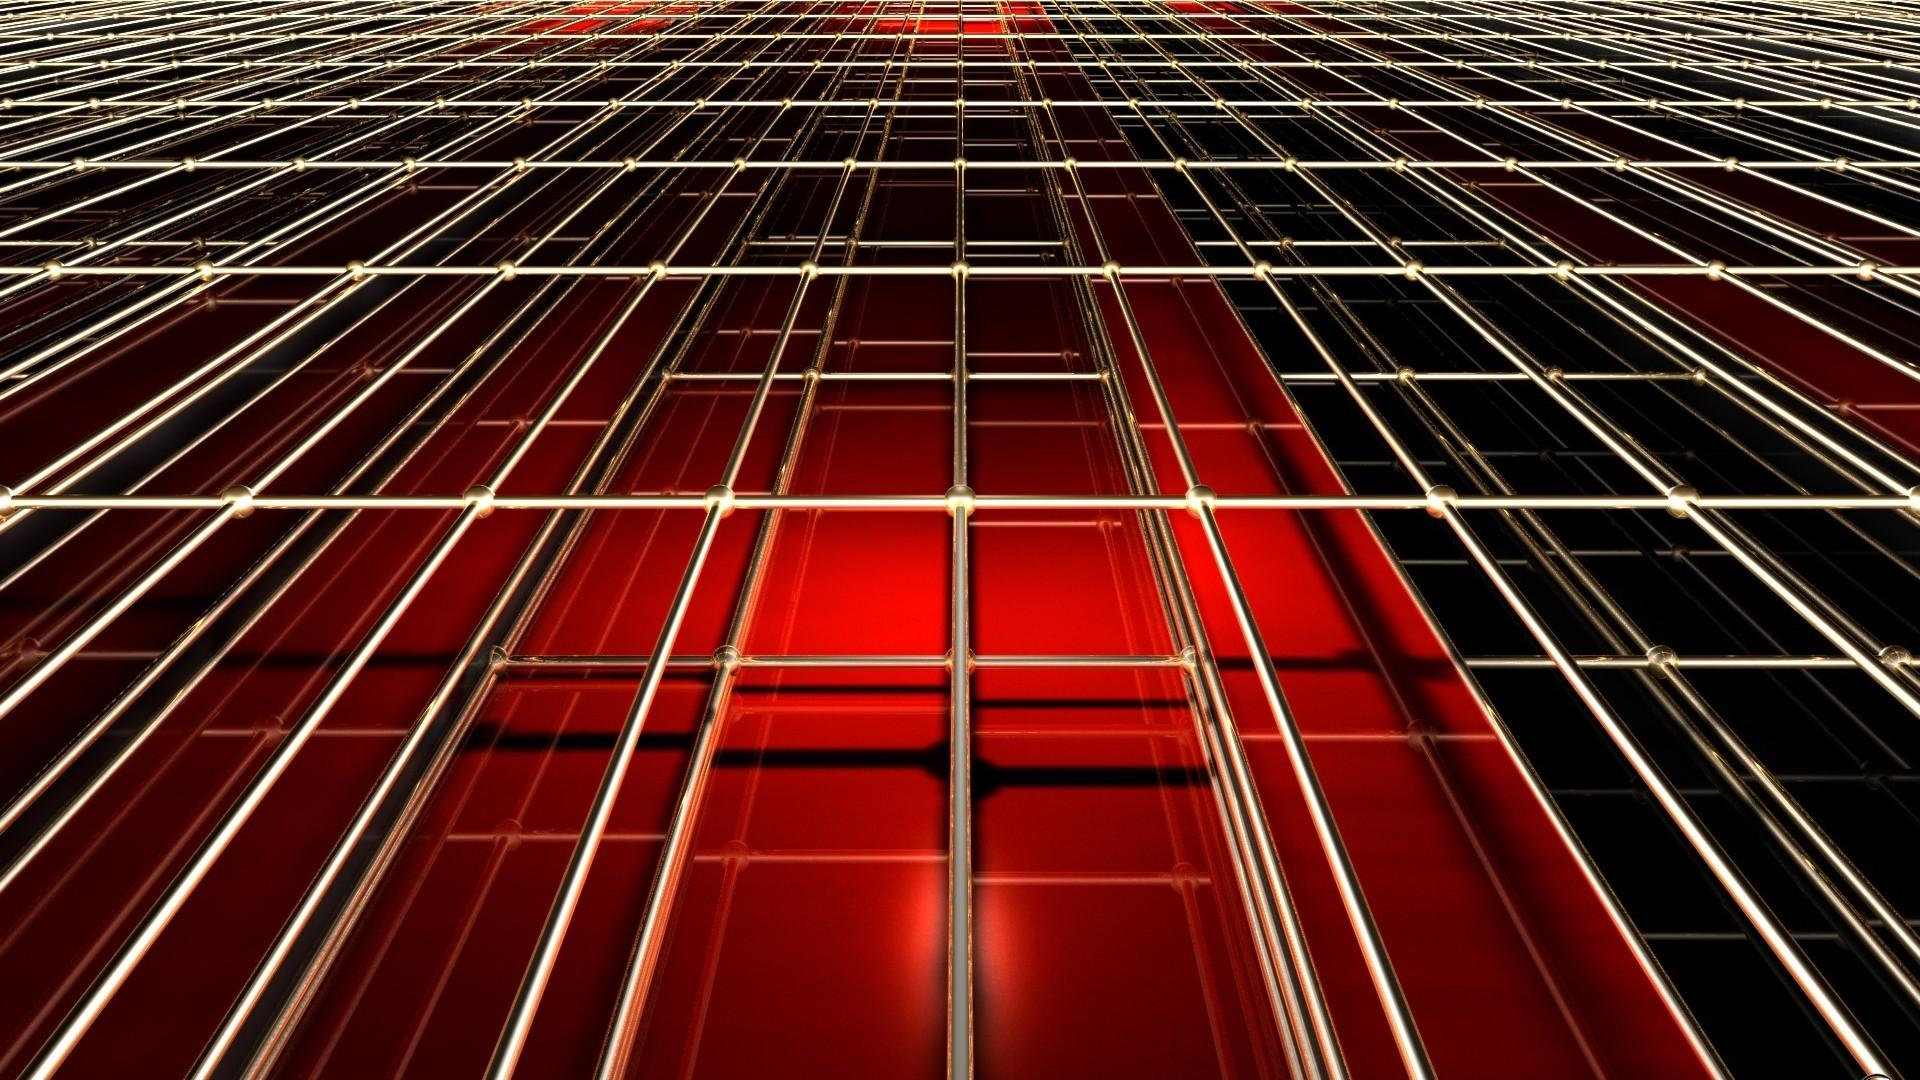 … metal · mesh, surface, metal